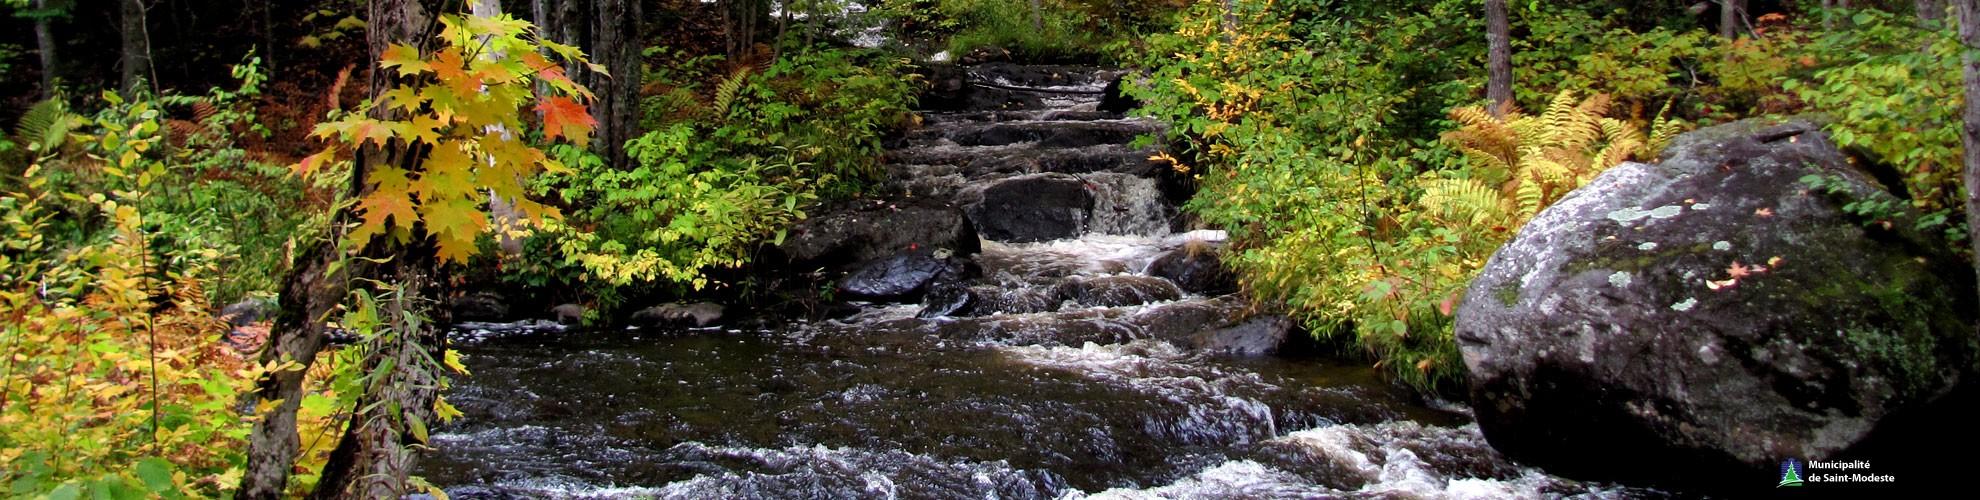 Héro - Rivière en automne